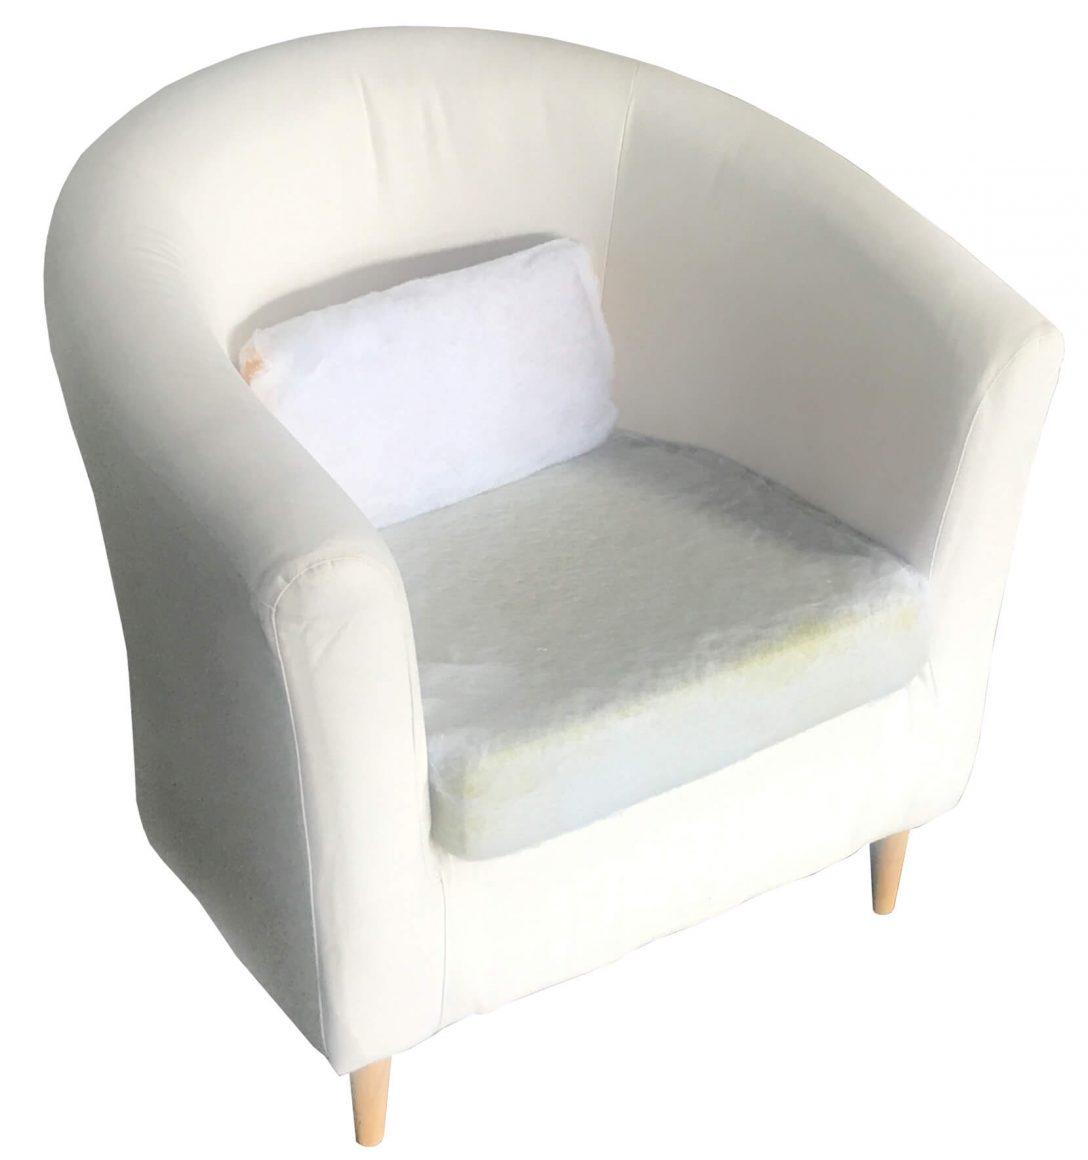 Full Size of Ikea Relaxsessel Sessel Garten Aldi Betten 160x200 Schlafzimmer Küche Kosten Bei Miniküche Modulküche Sofa Mit Schlaffunktion Kaufen Wohnzimmer Ikea Relaxsessel